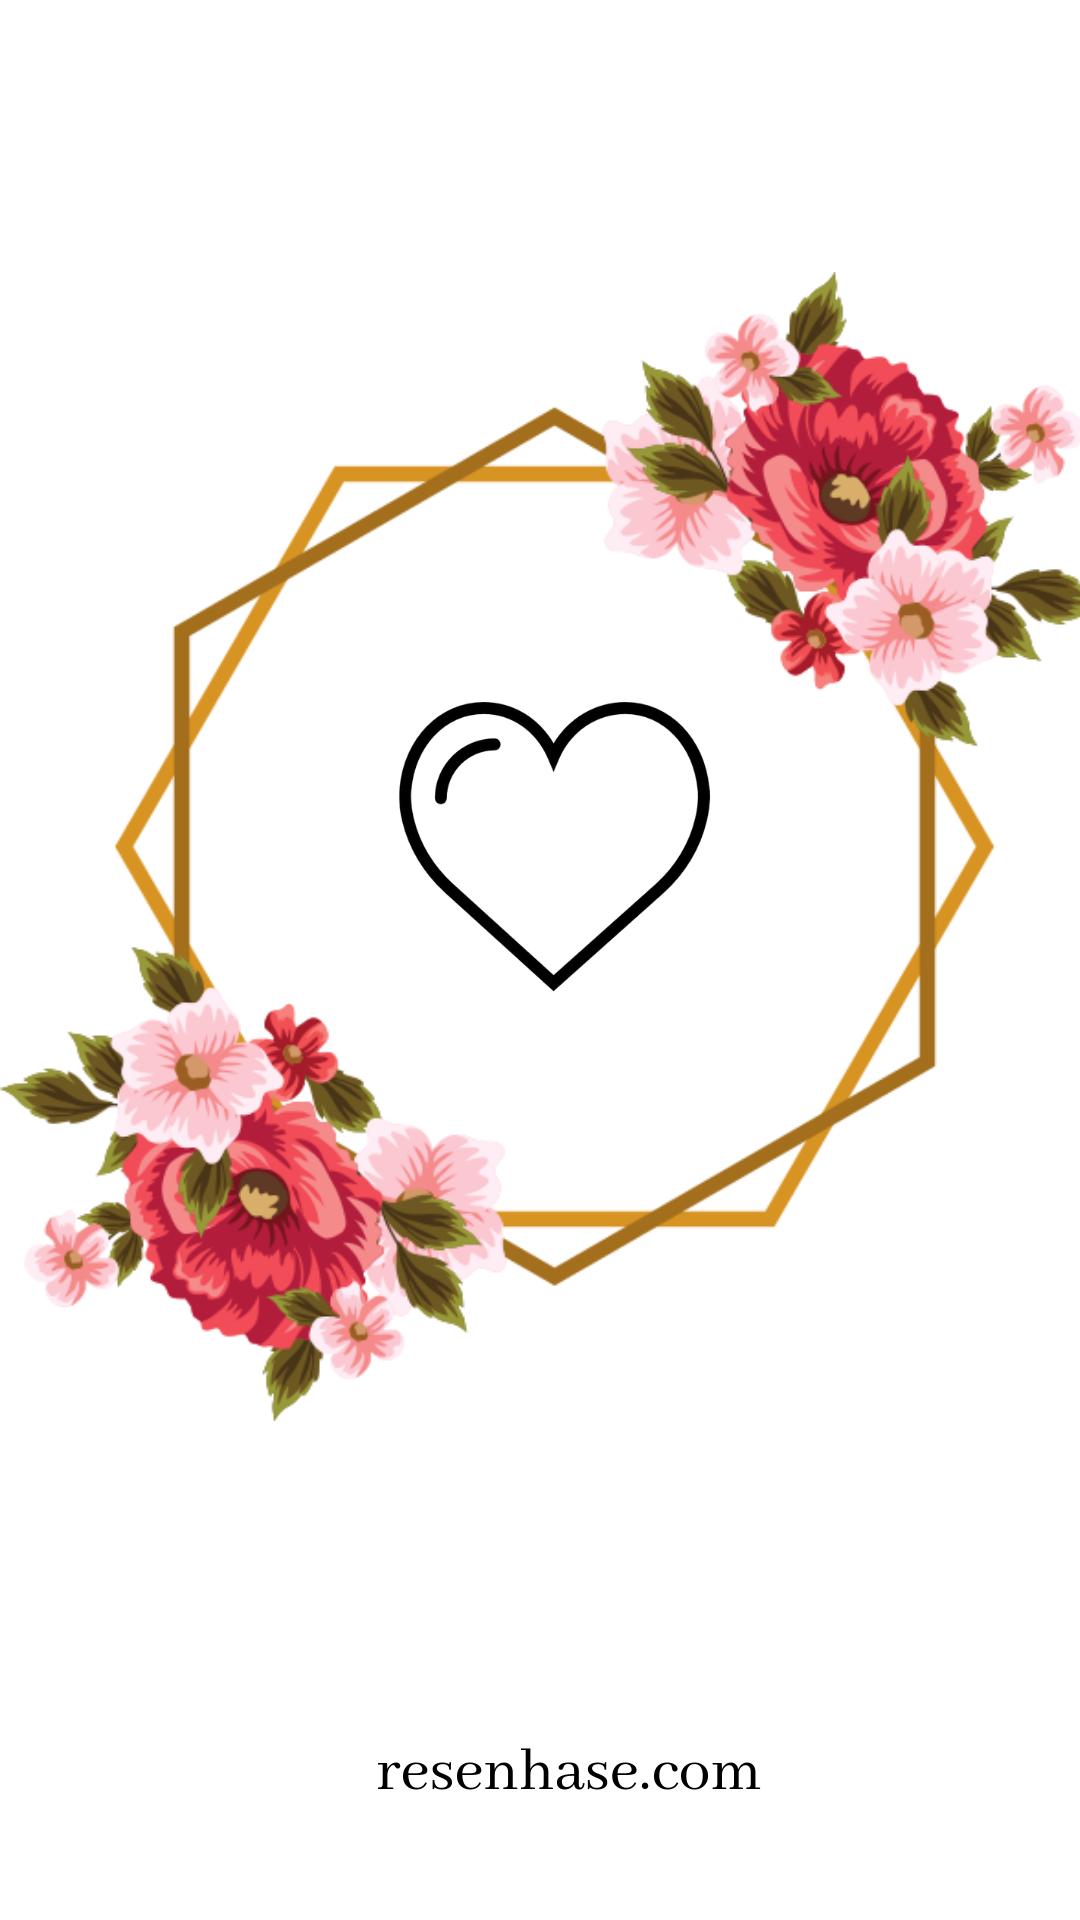 #organizados #destaques #instagram #conferir #destaque #lindos #deixe #blog  #seus #capa #para #mais...